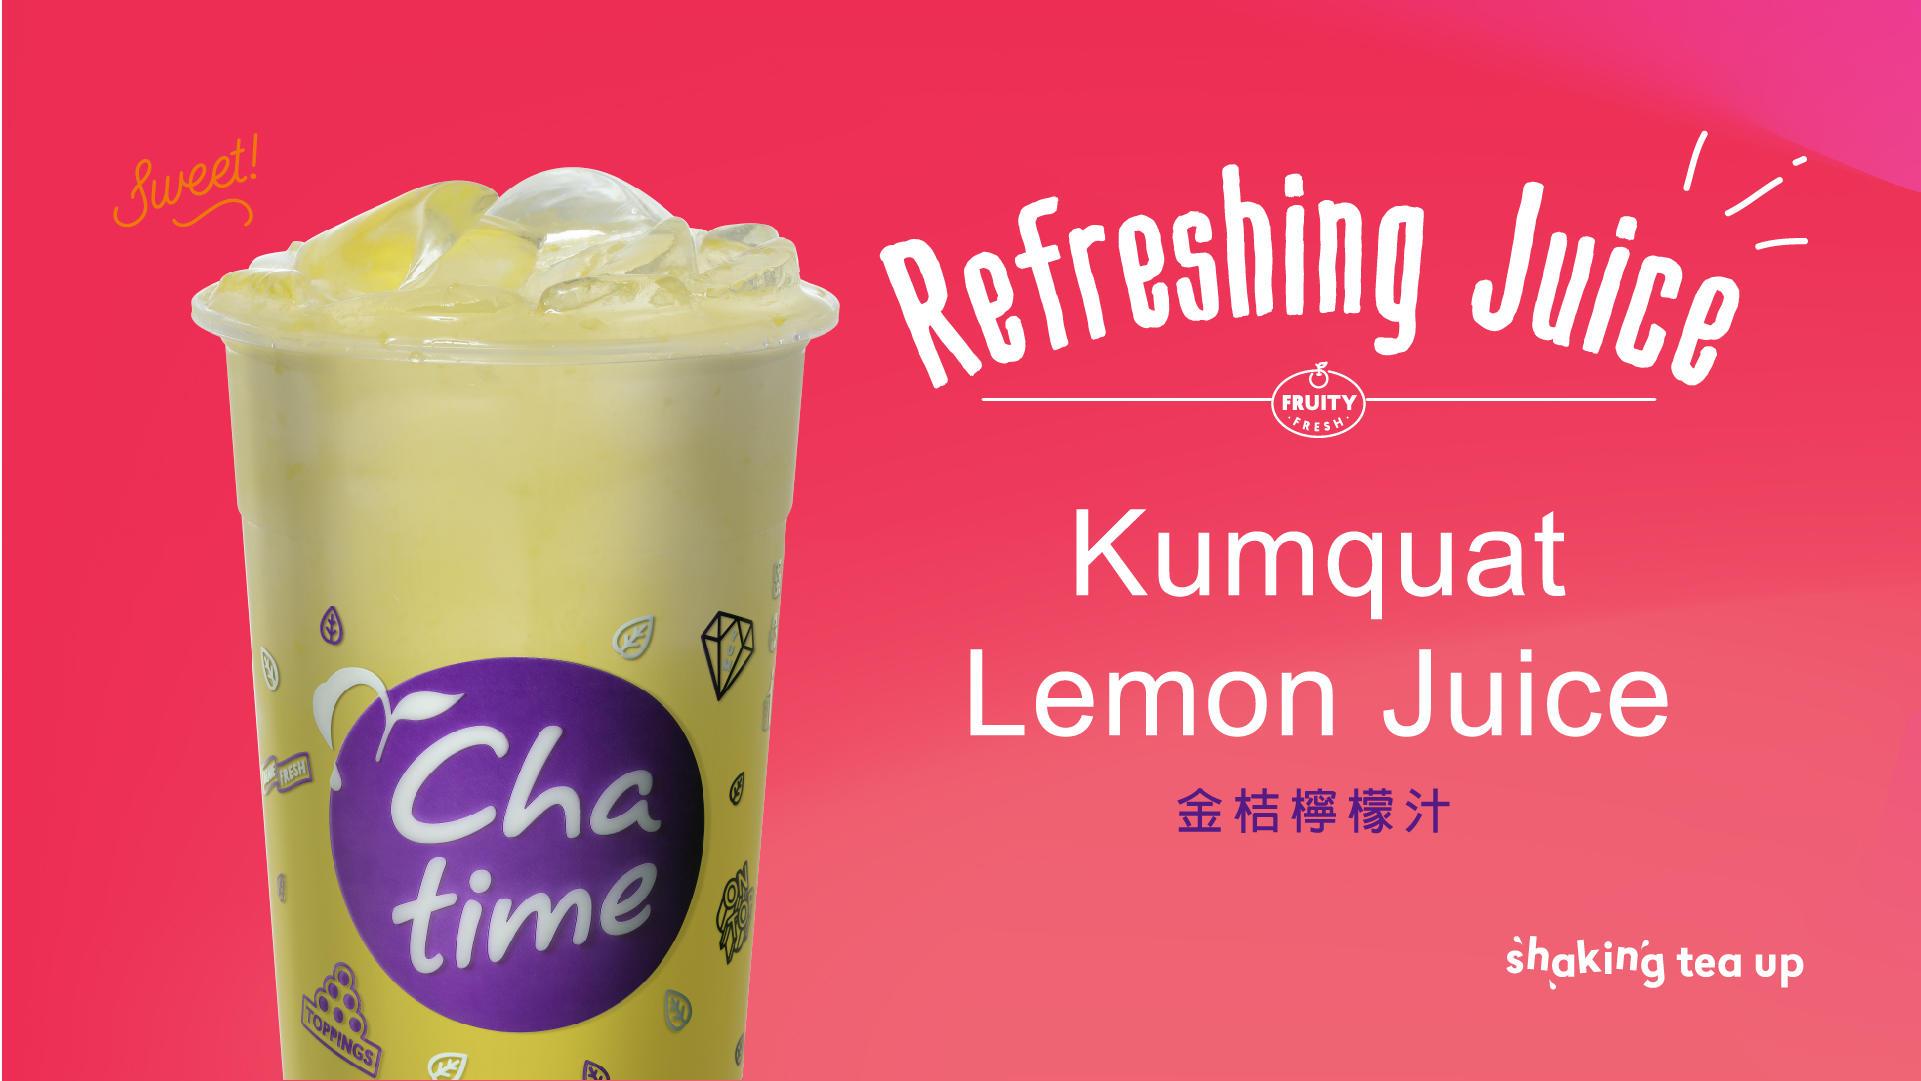 Chatime Bubble Tea & Slurping Noodles image 63